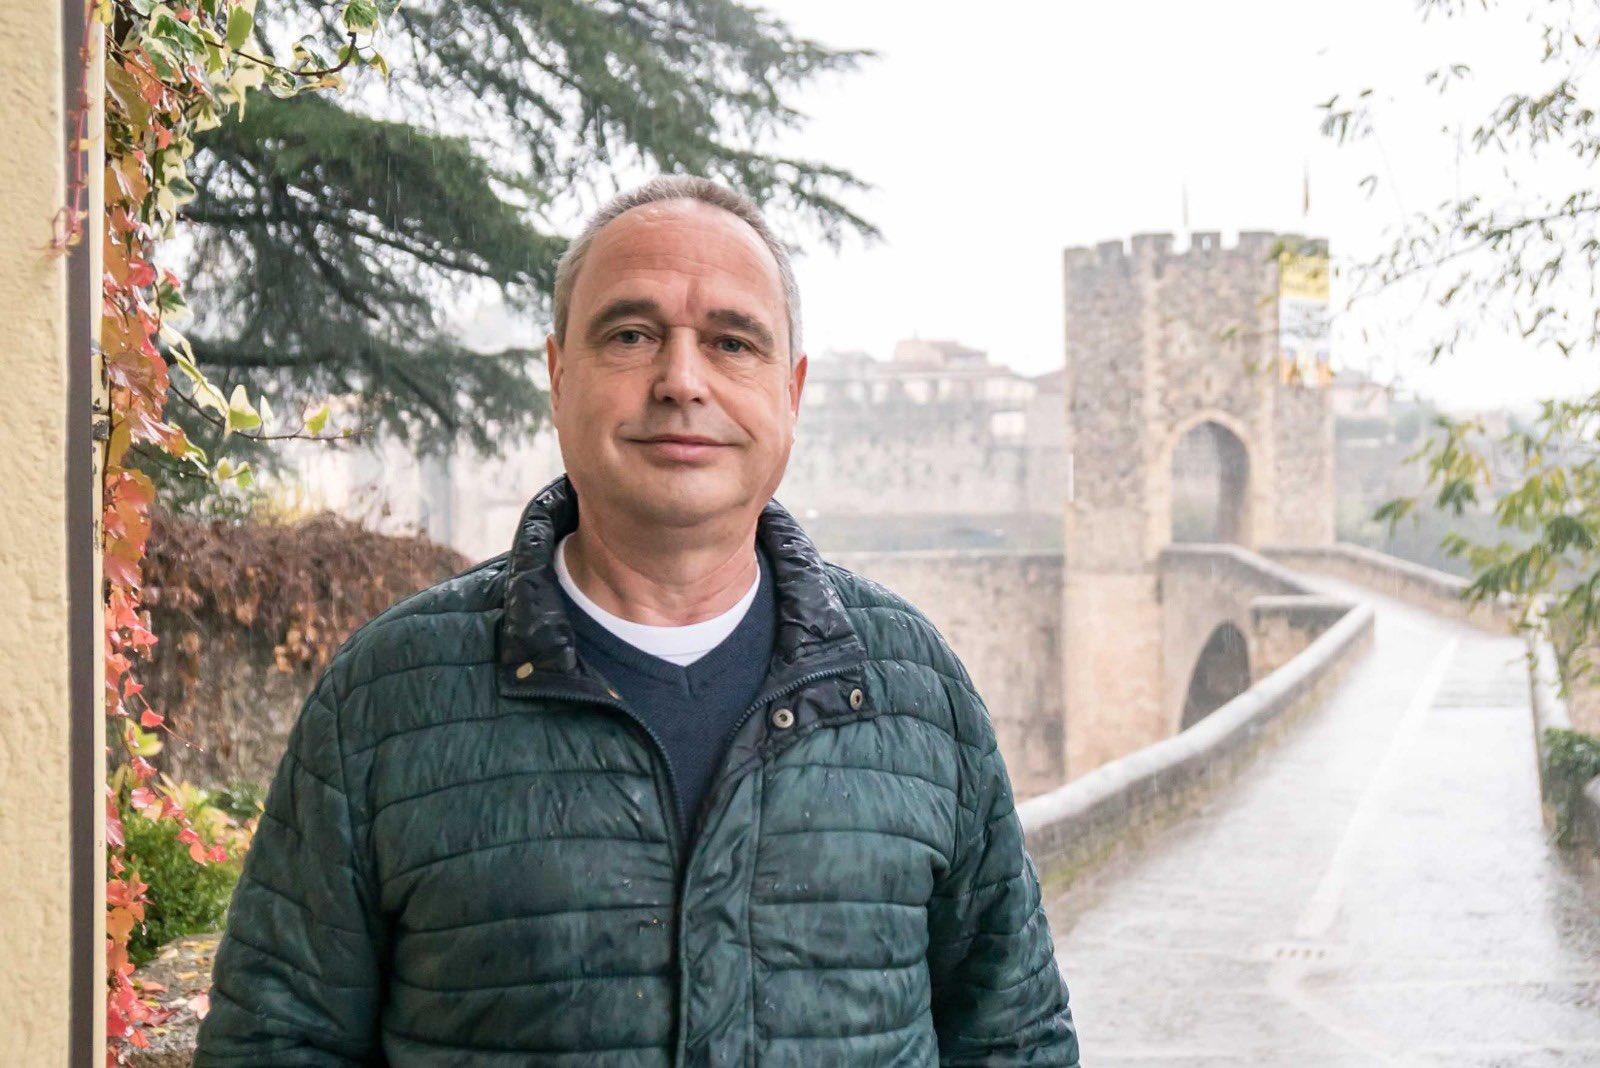 Els garrotxins Bartomeu Compte i Dolors Corretgé aniran a la llista d'ERC per al 14F a Girona